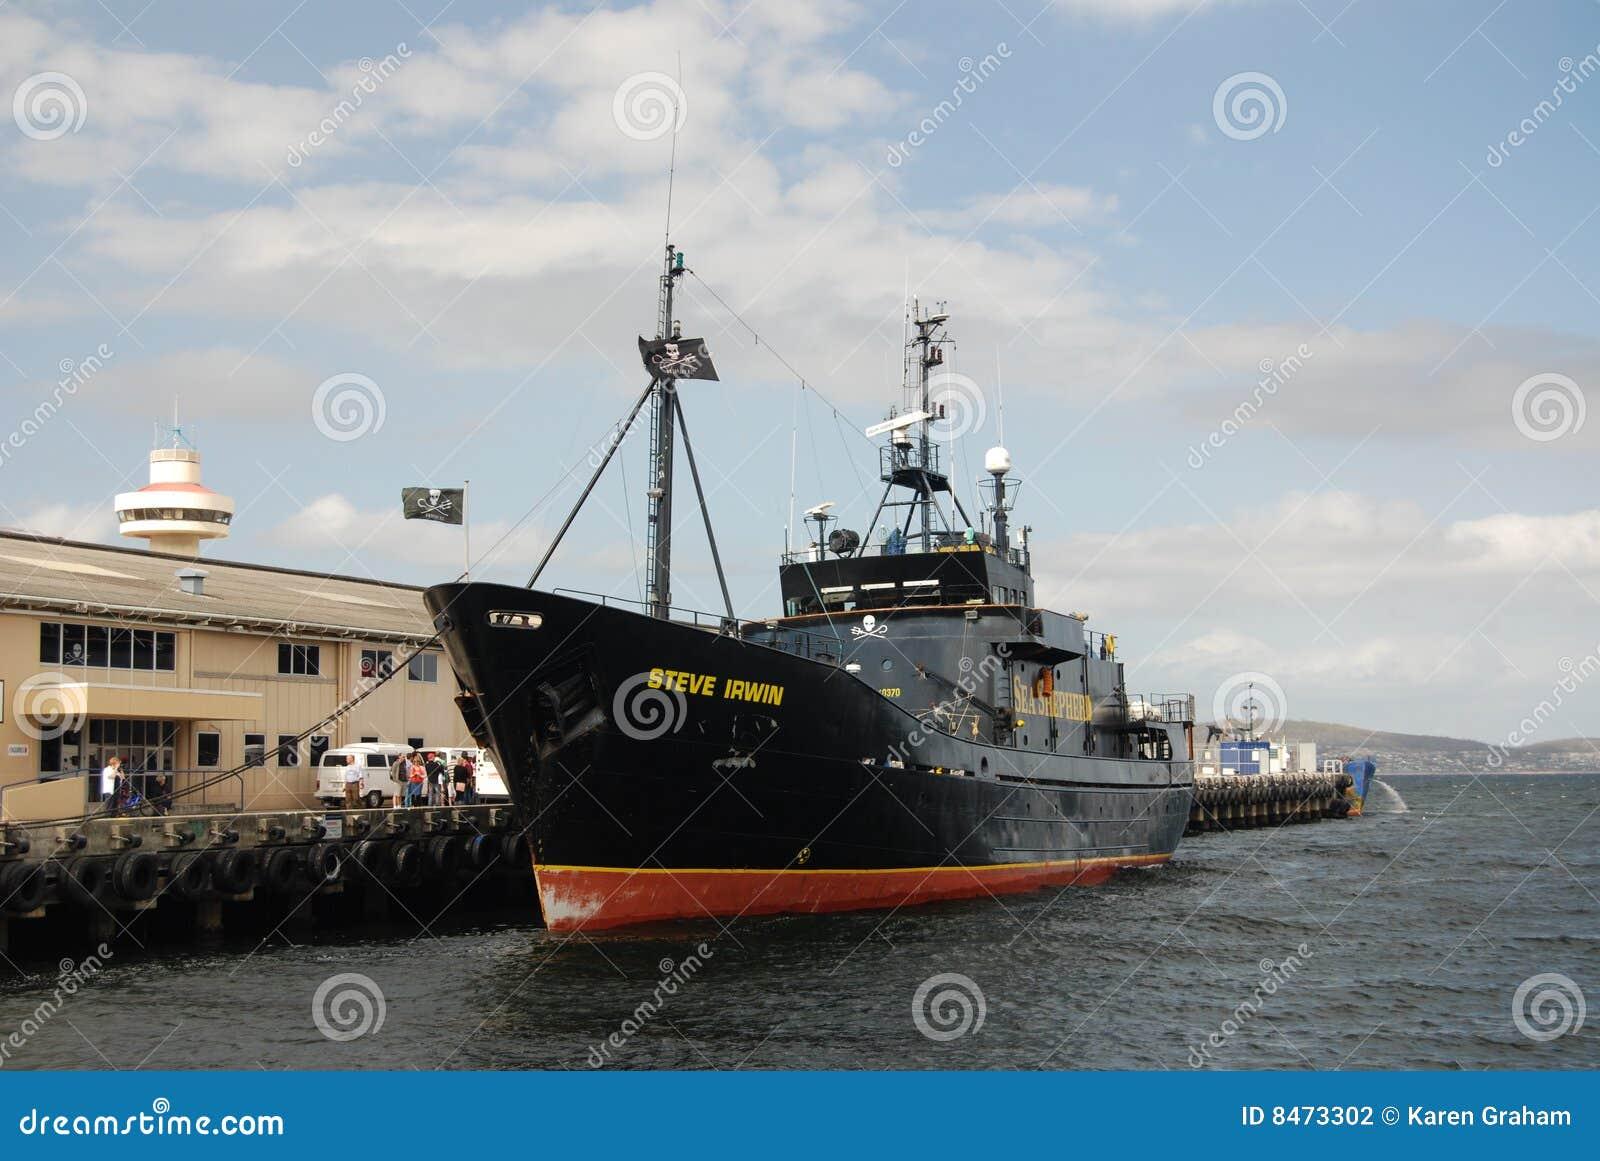 Ship steve för irwinhavsherde